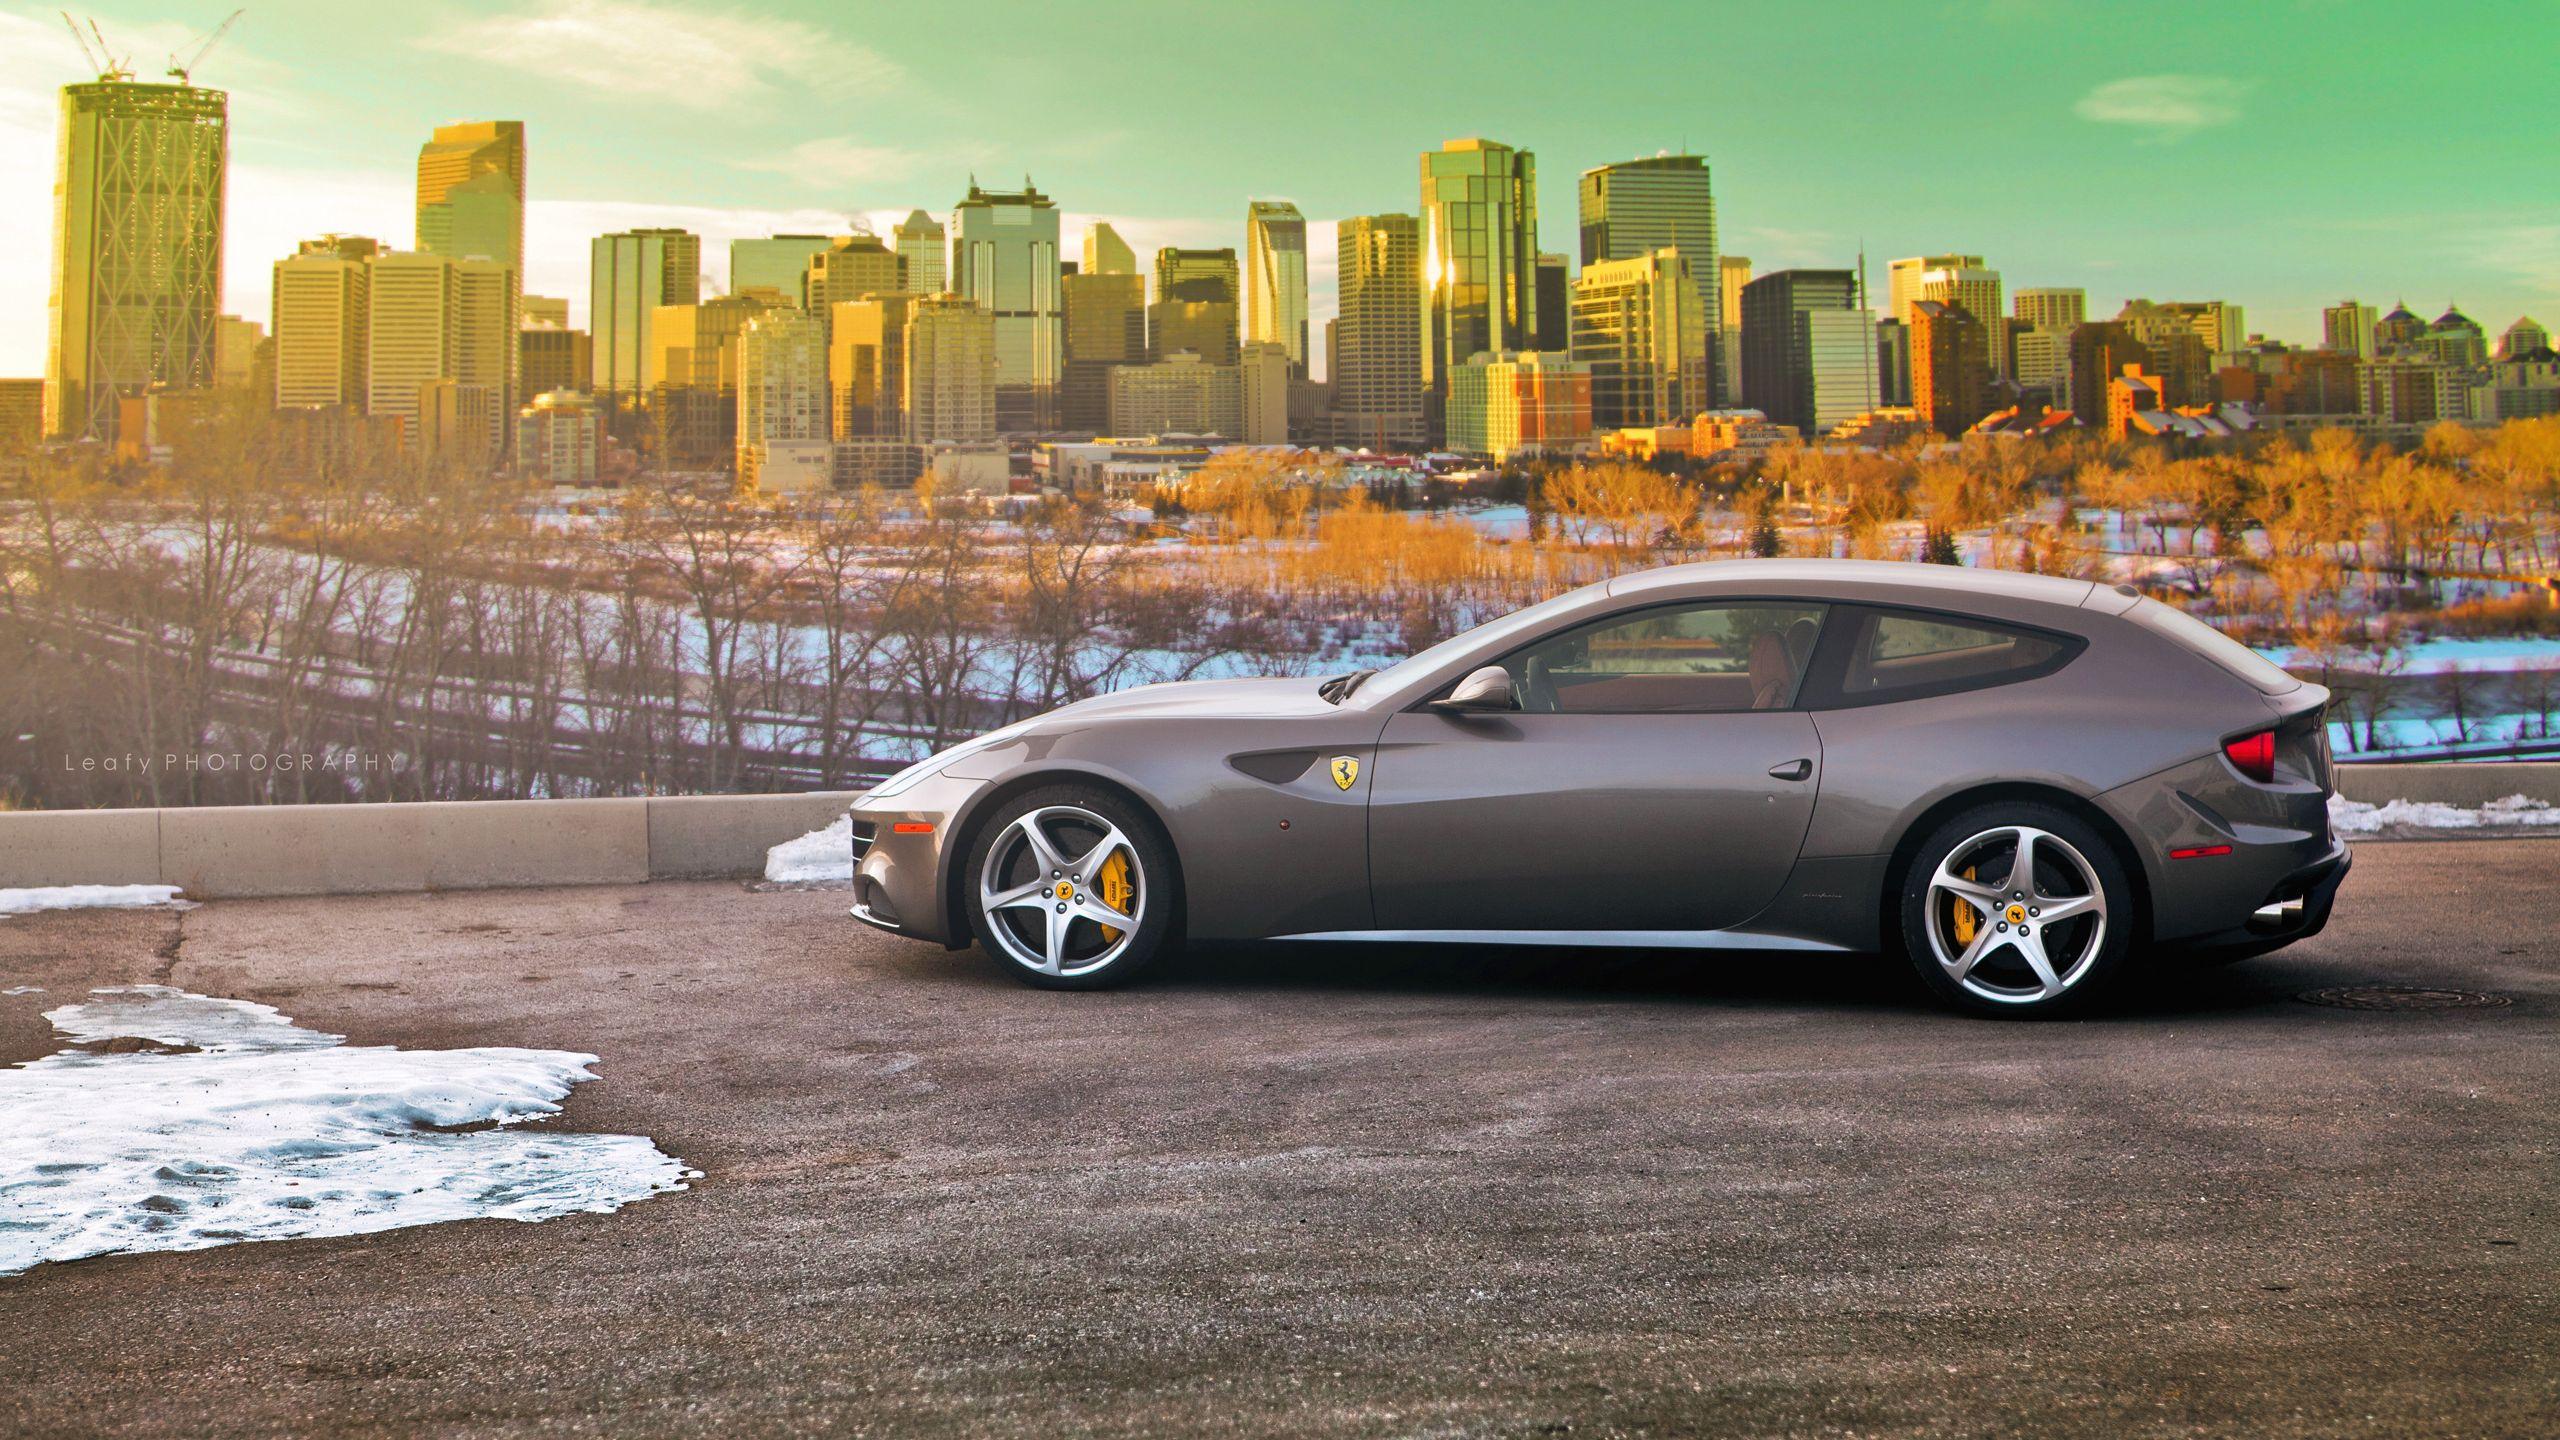 Ferrari Toronto Fond Décran Fond Décran Hd